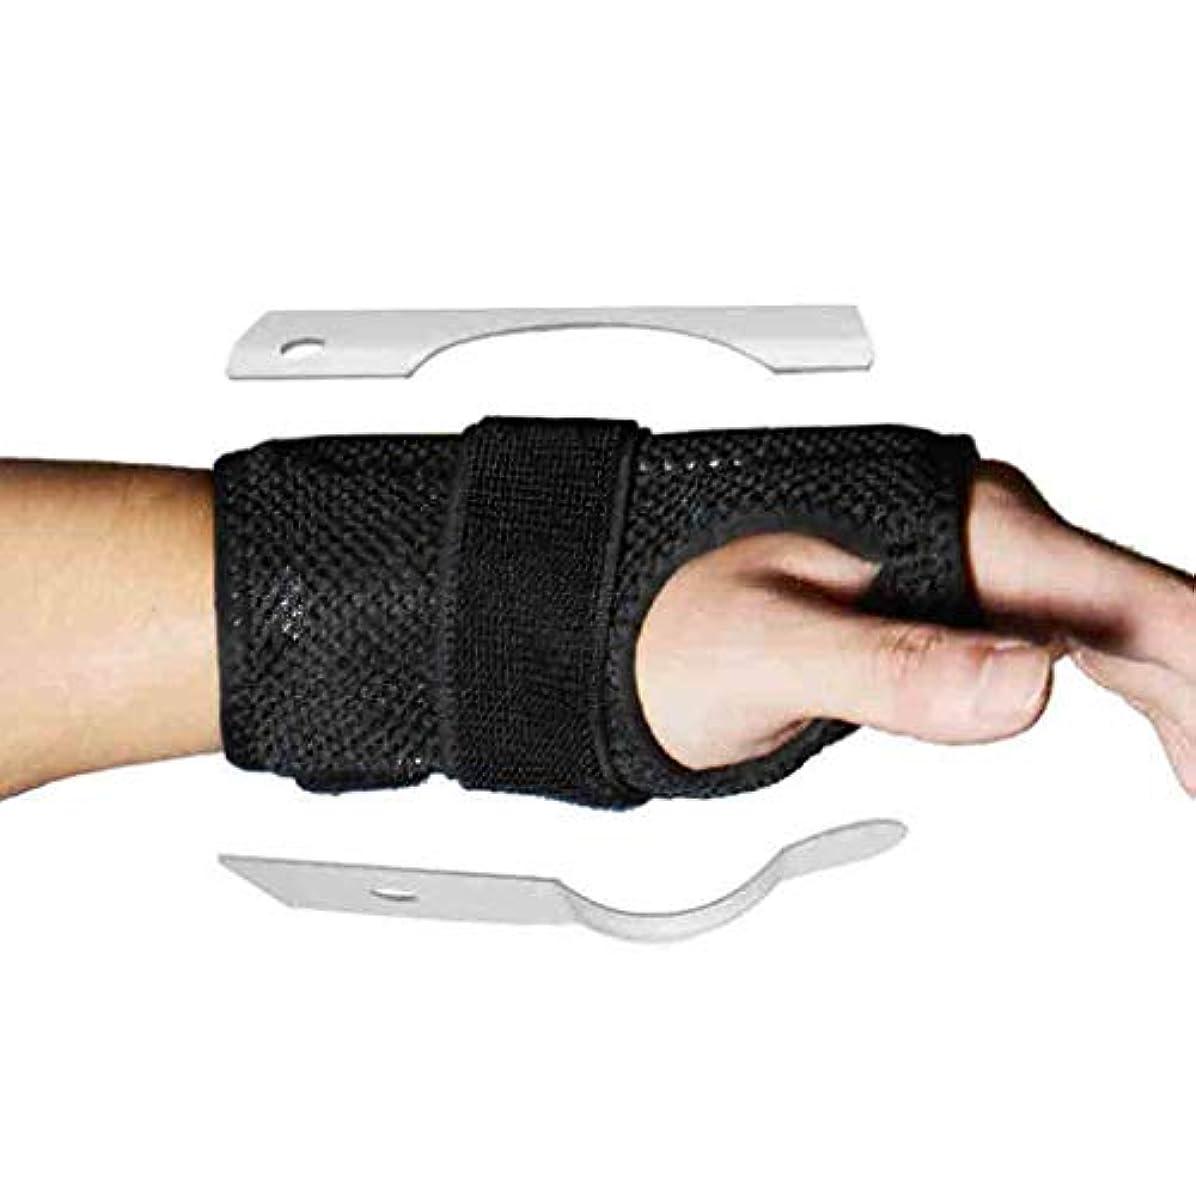 古くなった多様体ロックトリガーのための親指のスプリント親指の通気性のファブリック手首の親指腱鞘炎脳手根管症候群のためのリストバンドスプリントママの親指ブレース関節炎 Roscloud@